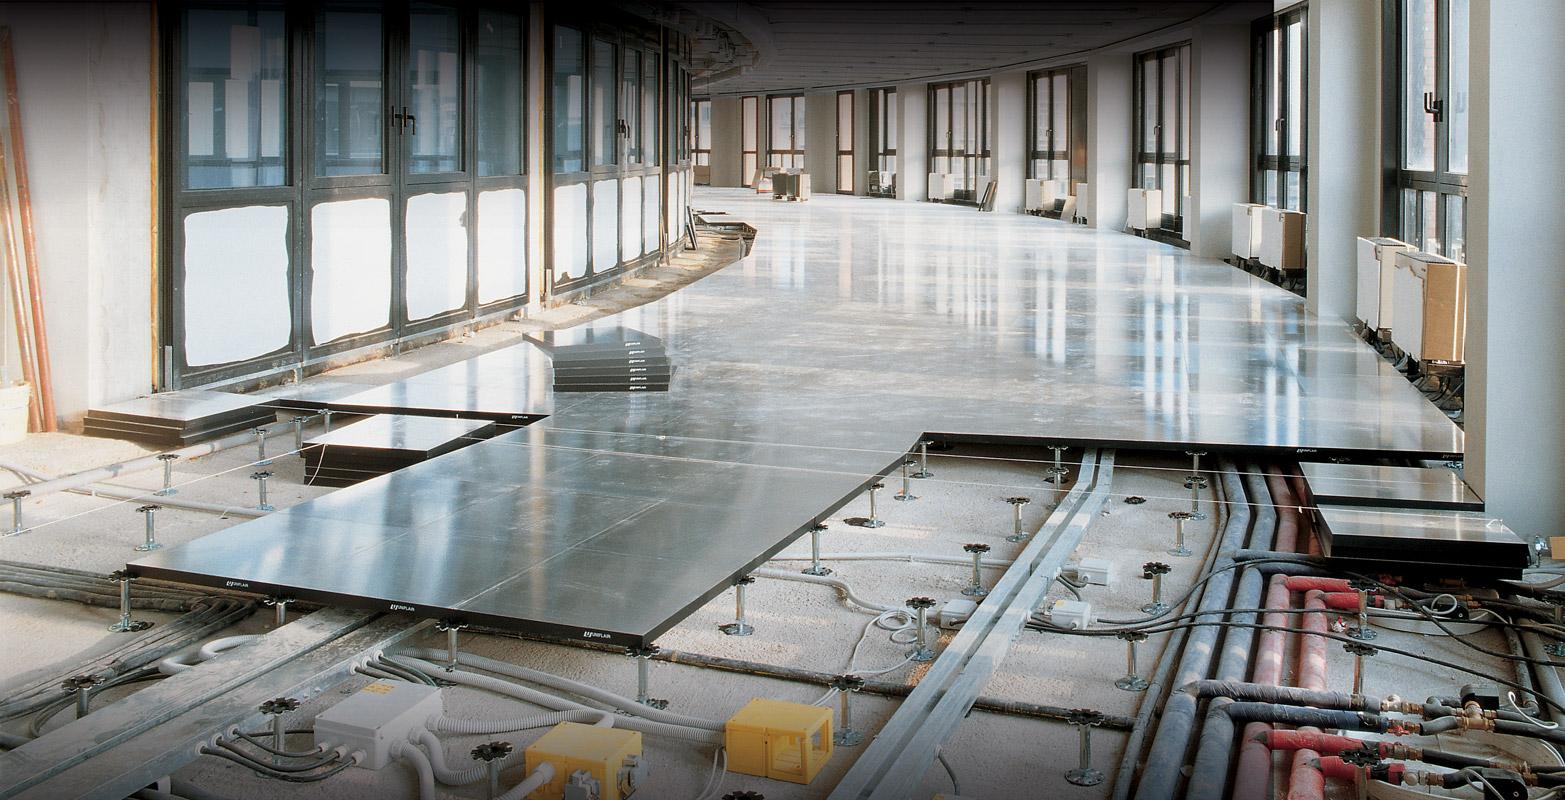 Installazione e manutenzione pavimento flottante - Pavimento galleggiante esterno ...